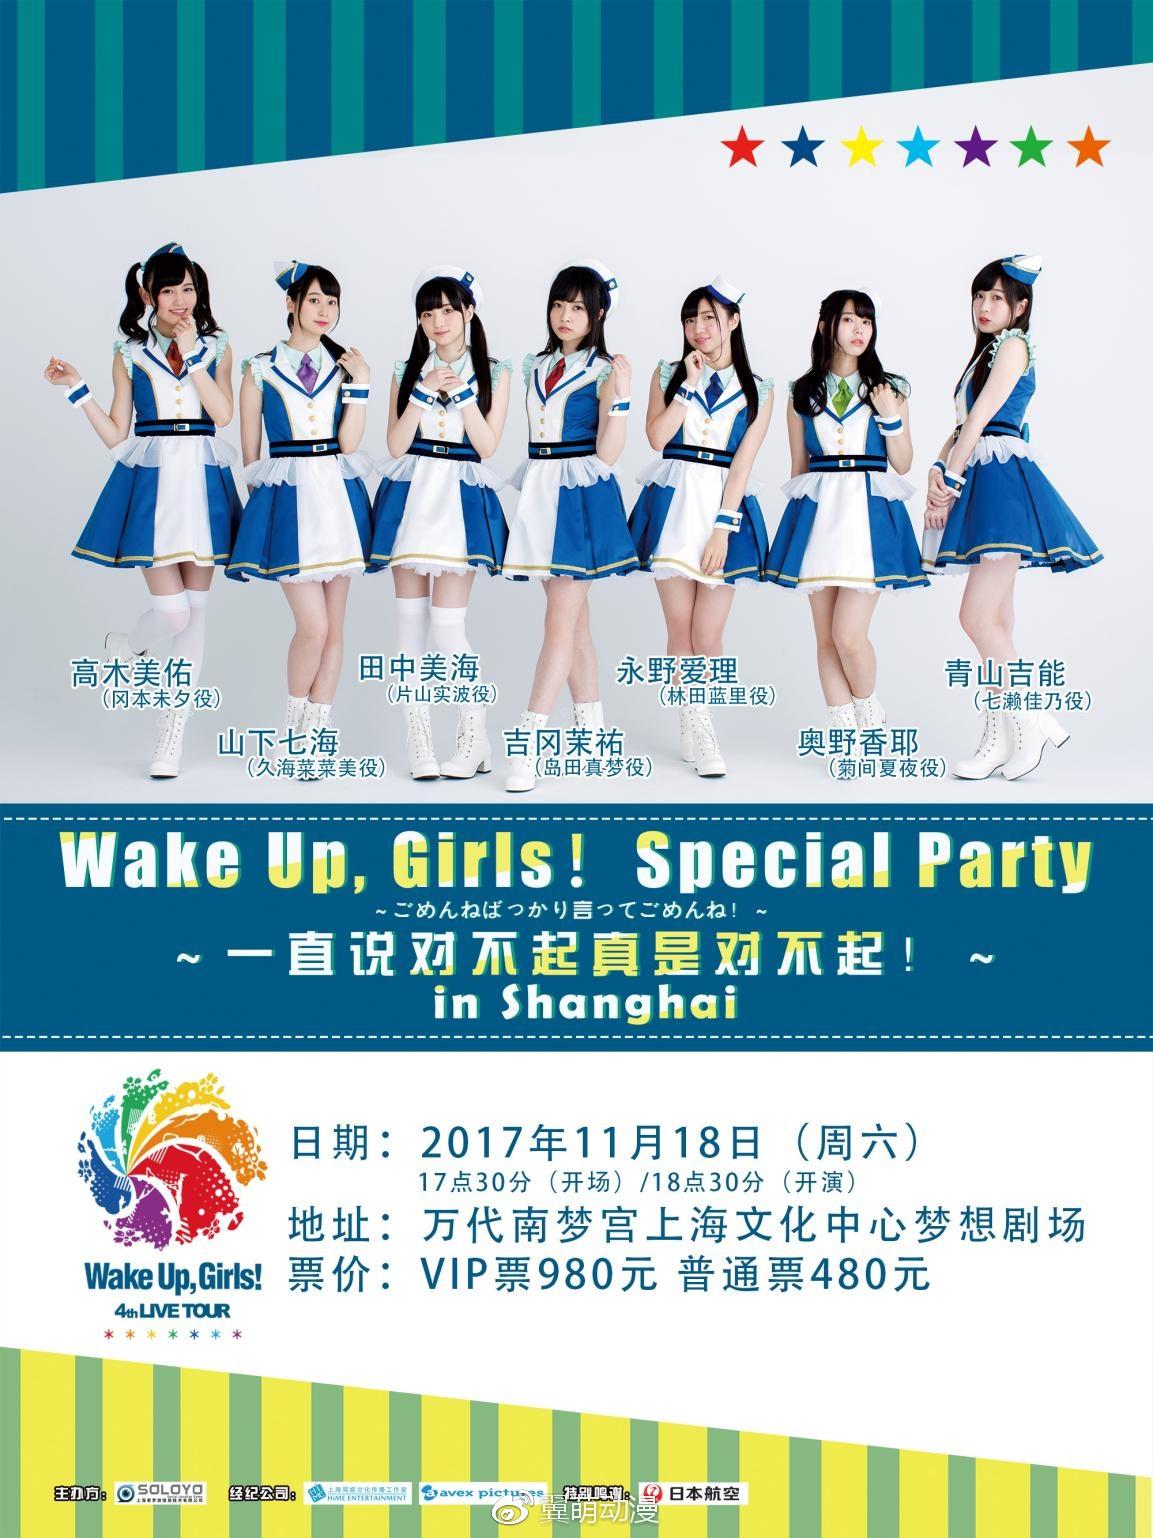 日本知名声优组合Wake Up,Girls!首次海外专场演出!-看客路